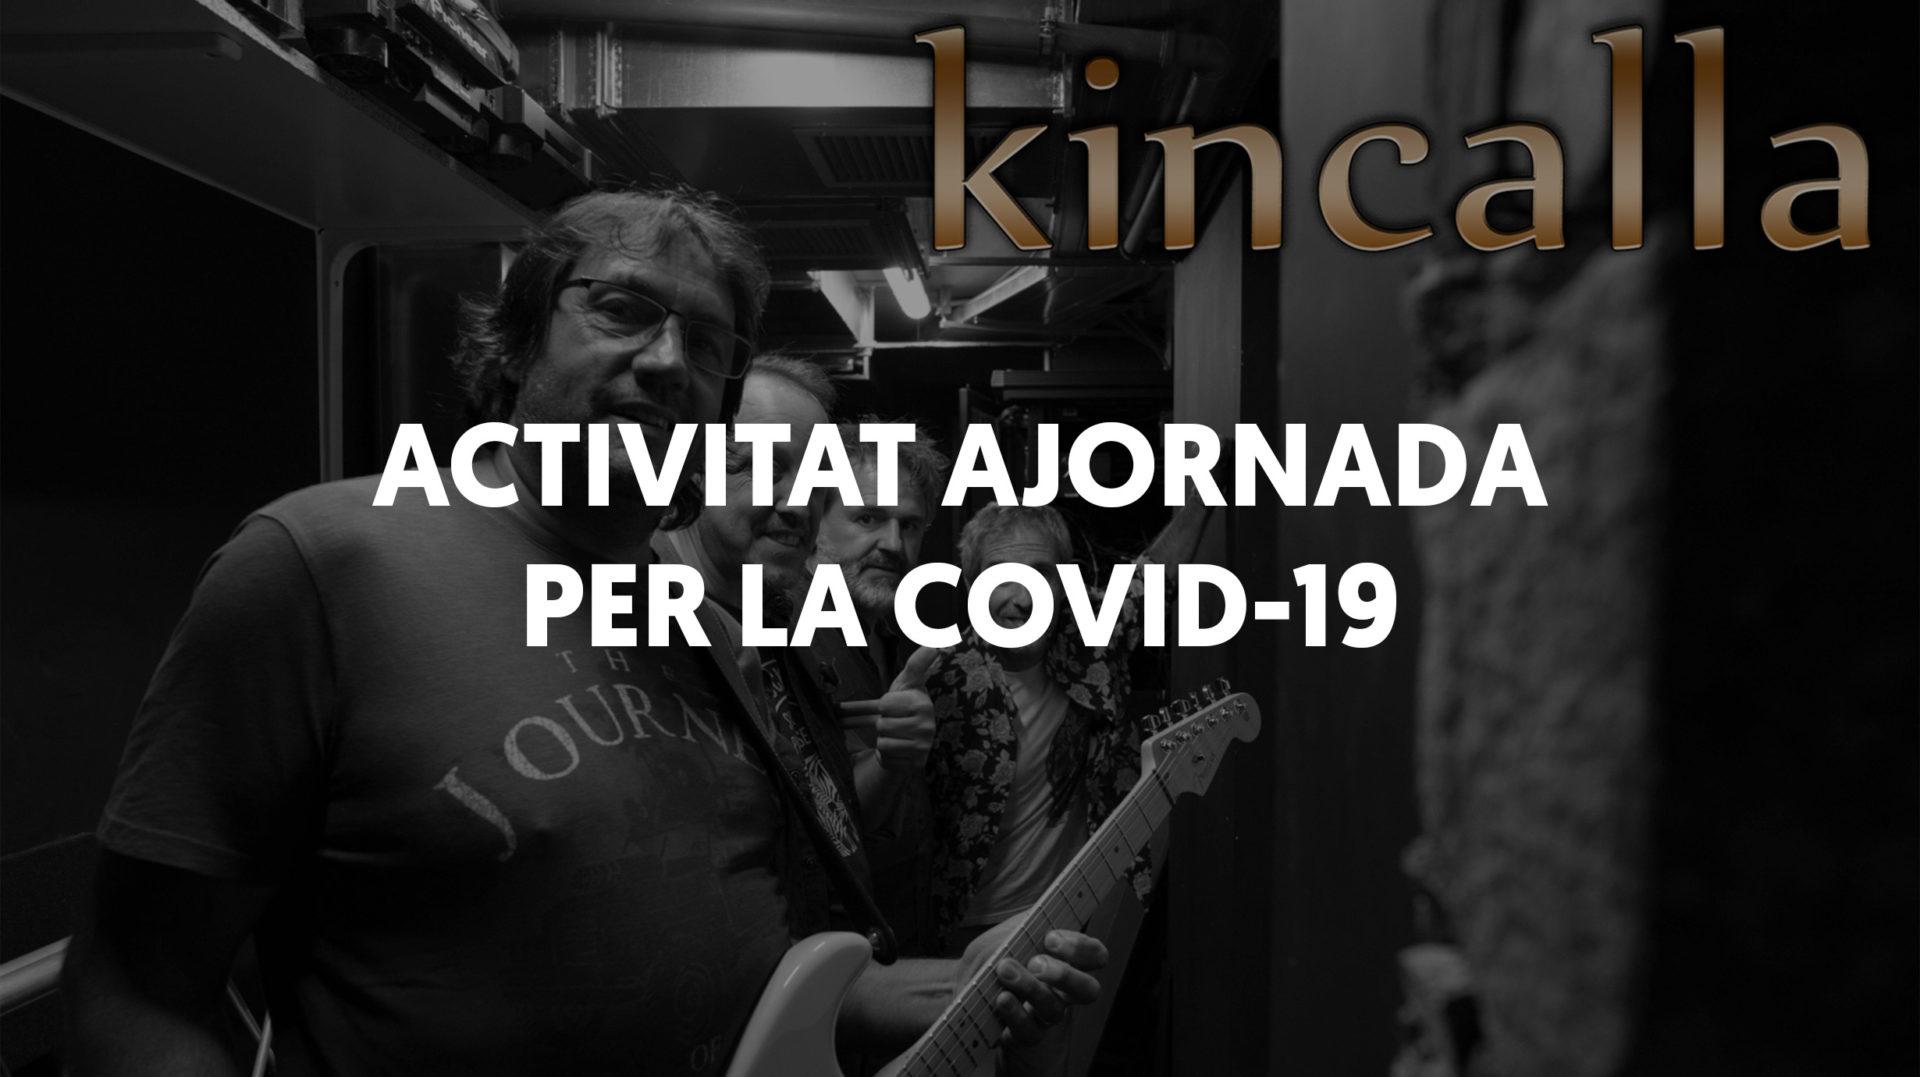 Concert de Kincalla i PDP Experience (Activitat ajornada)